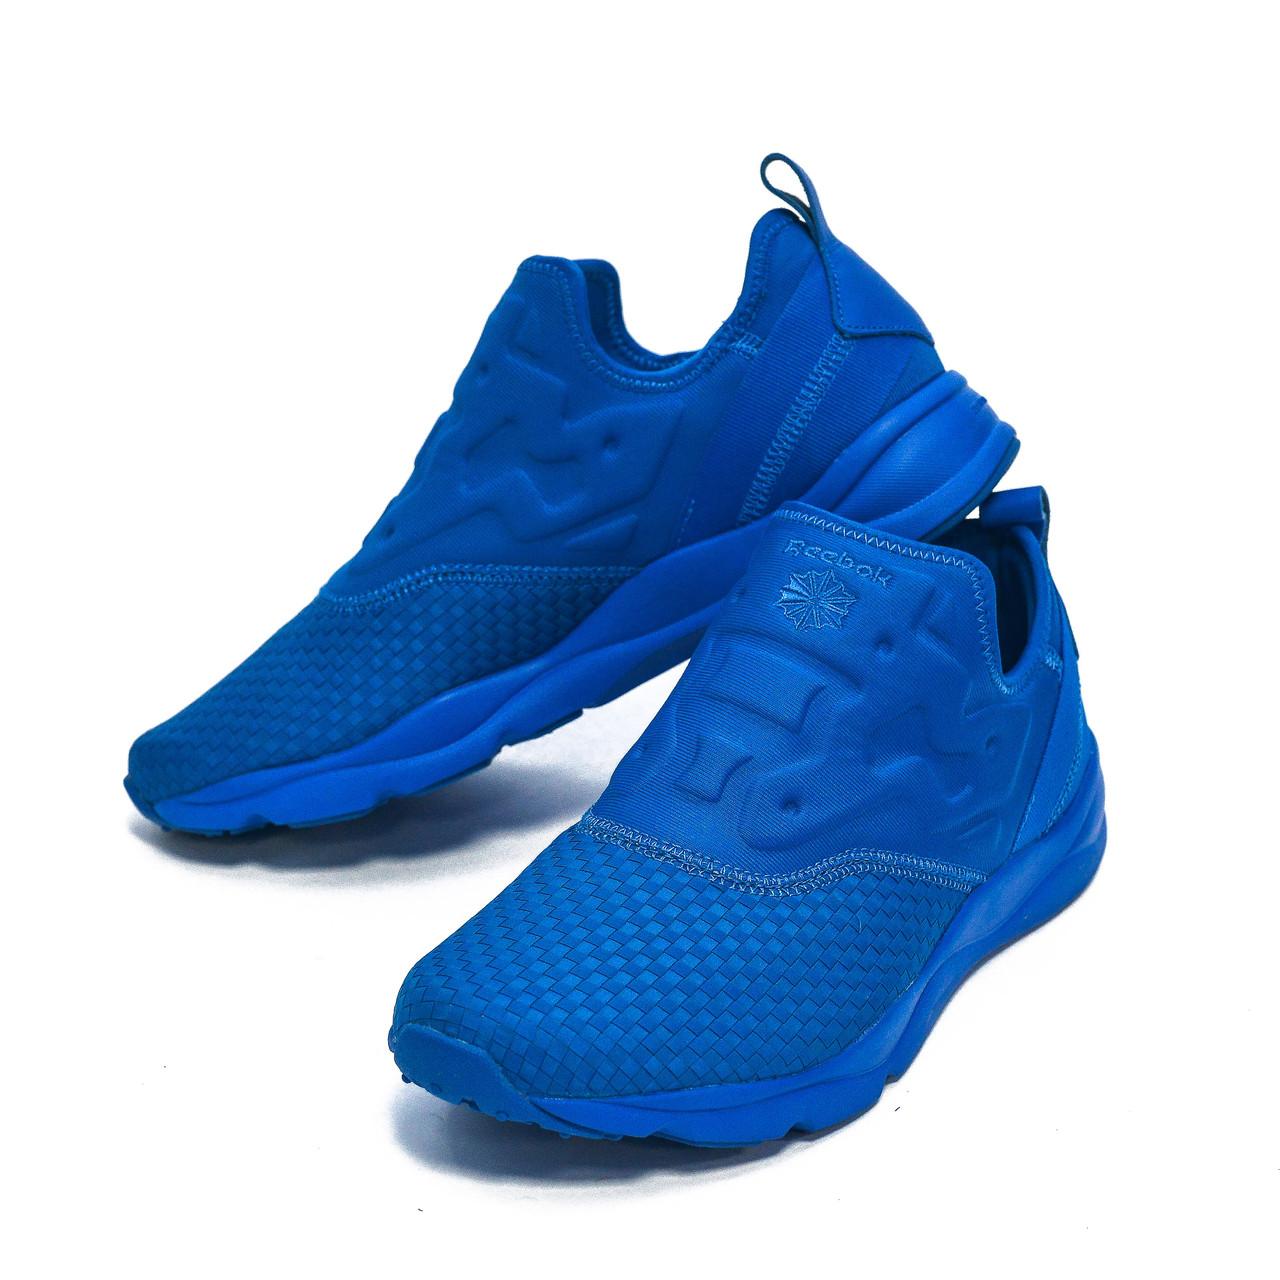 Оригинальные мужские кроссовки Reebok Furylite